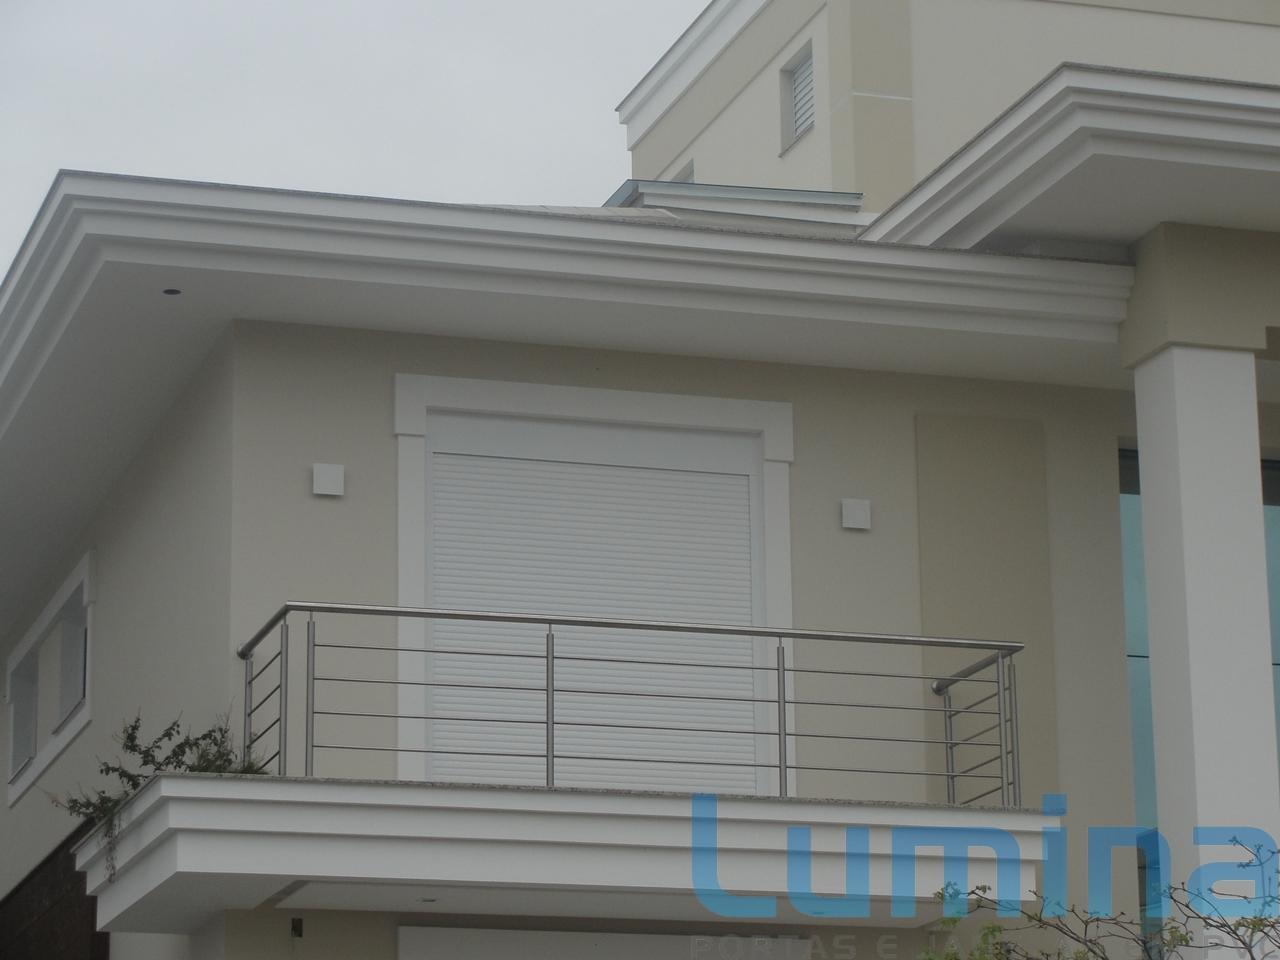 #26516D Janela   Lumina portas   esquadrias PVC %284%29.JPG 1106 Portas E Janelas De Aluminio No Df